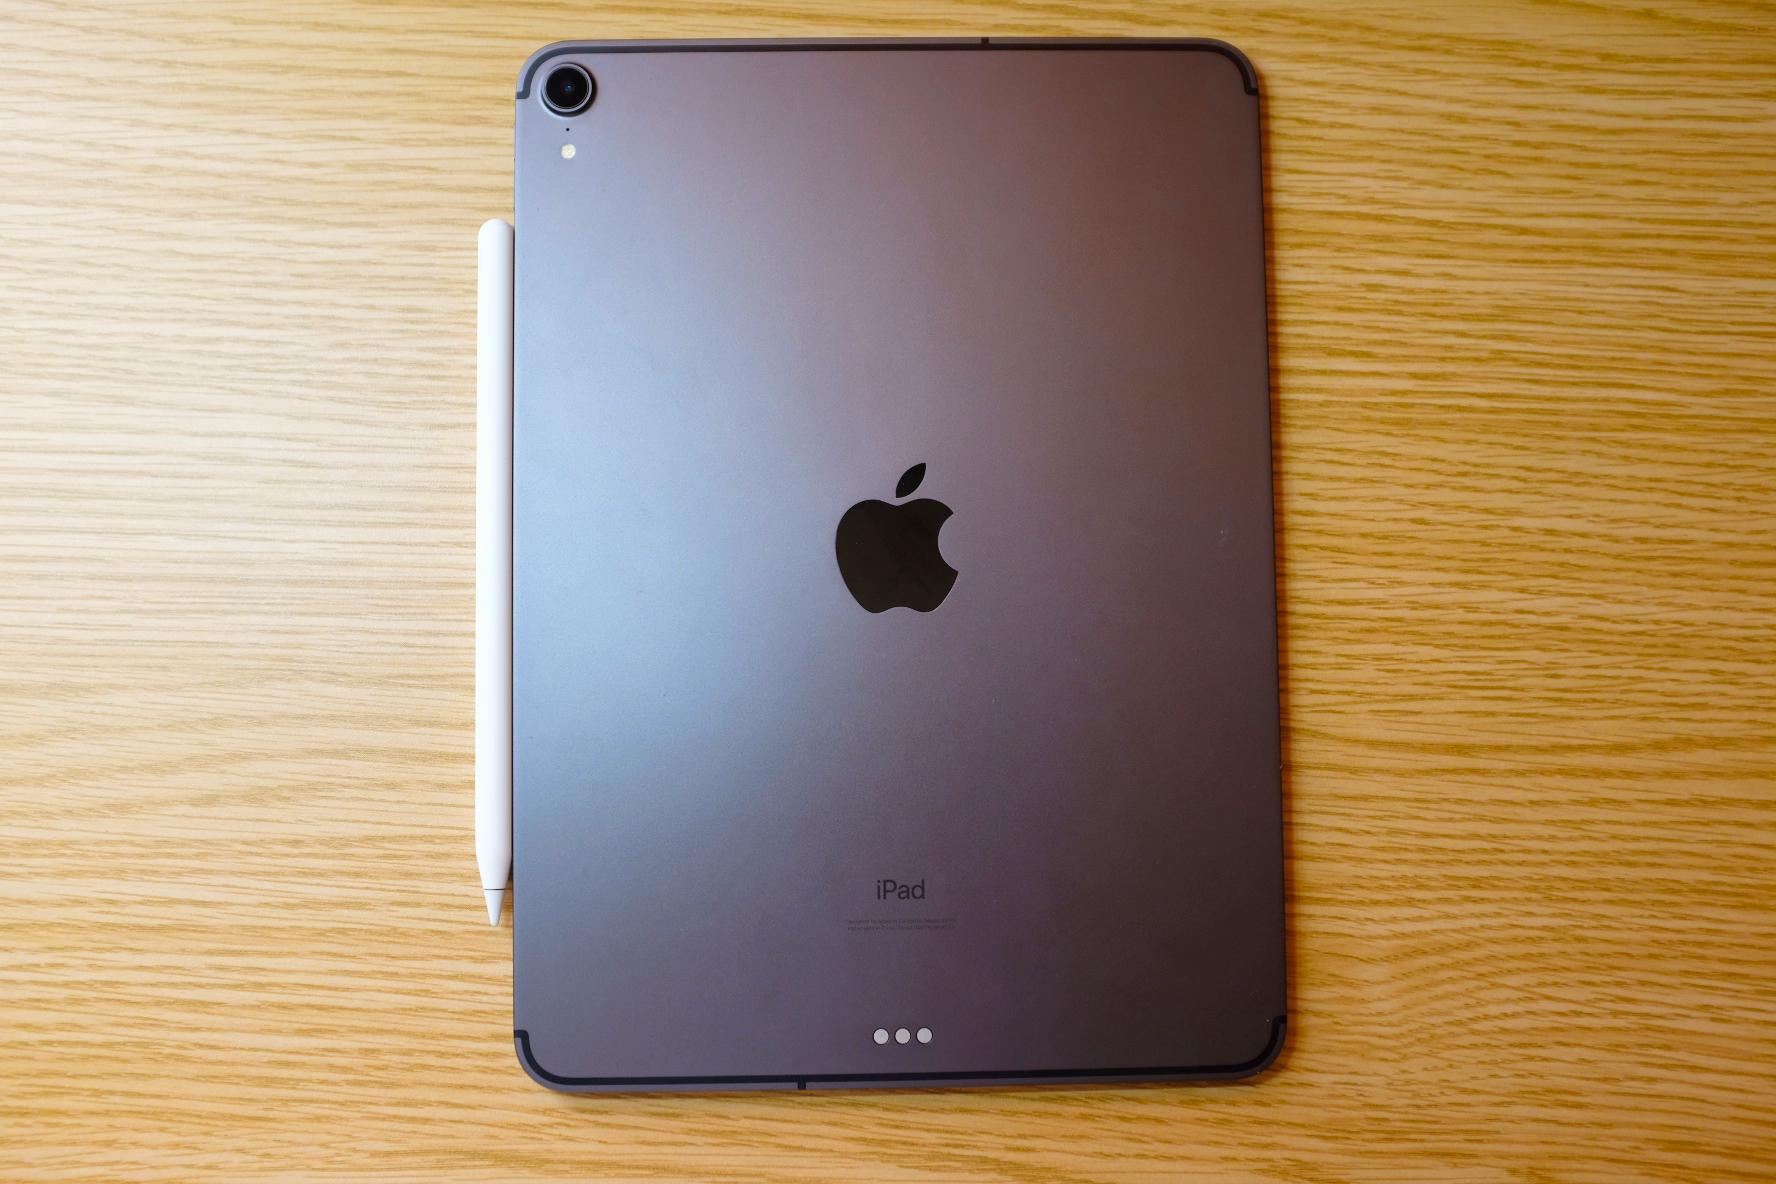 iPadにケースを使っている人!頼むから1回外して使ってみて!!